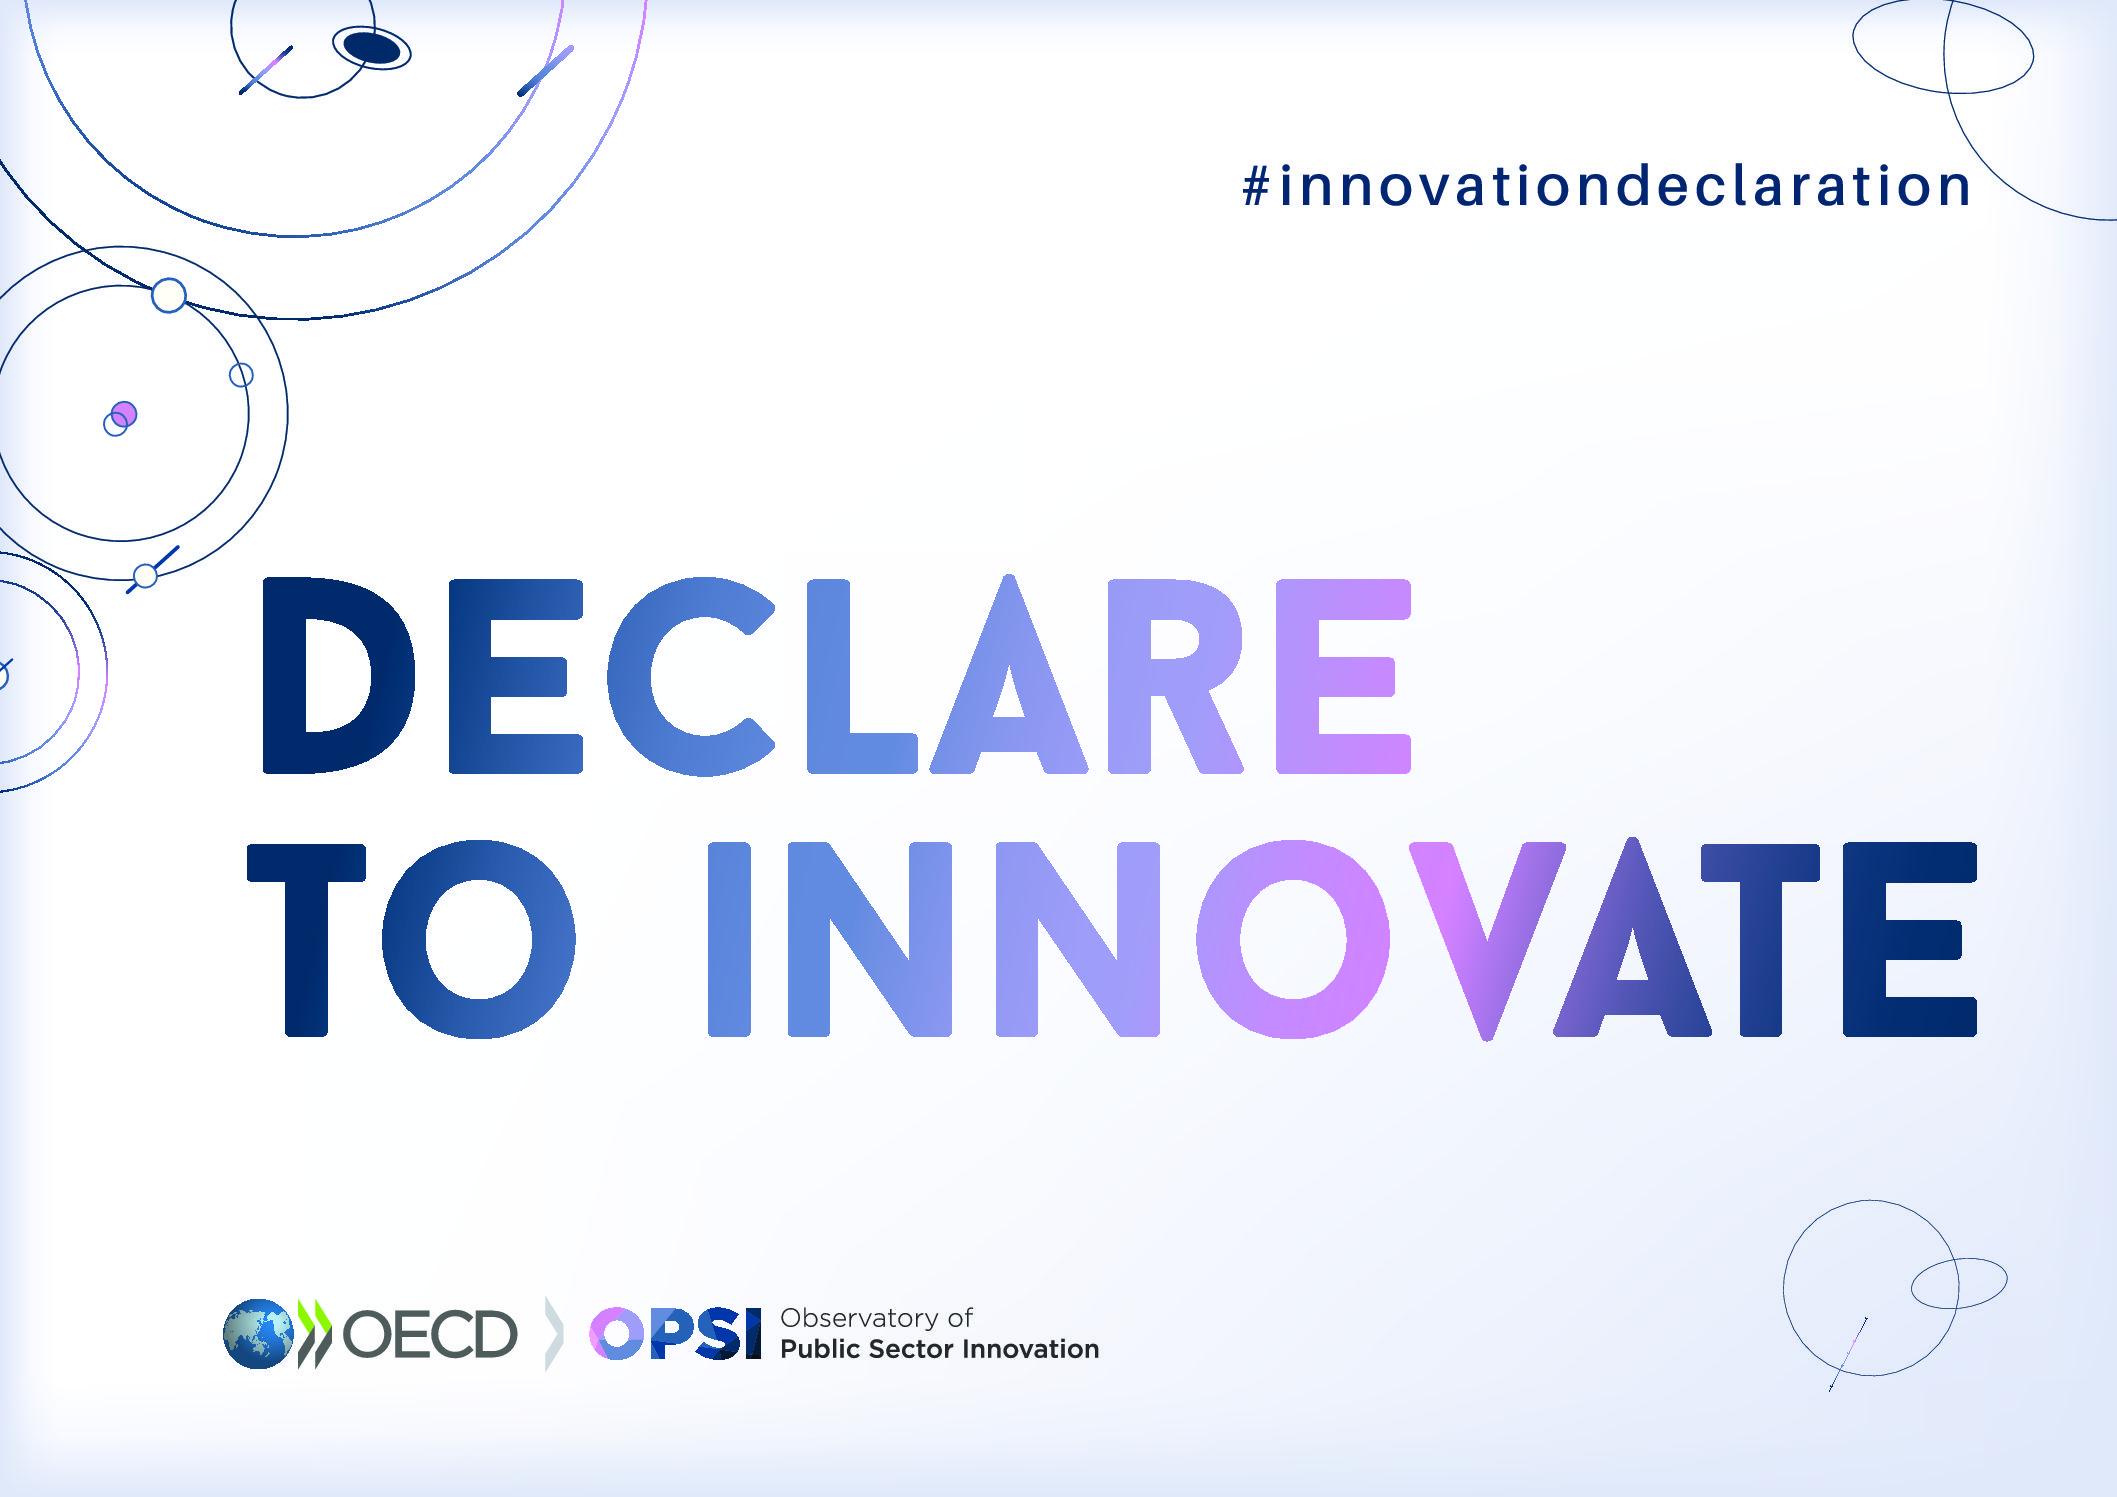 Onderschrijf jij het belang van publieke innovatie?